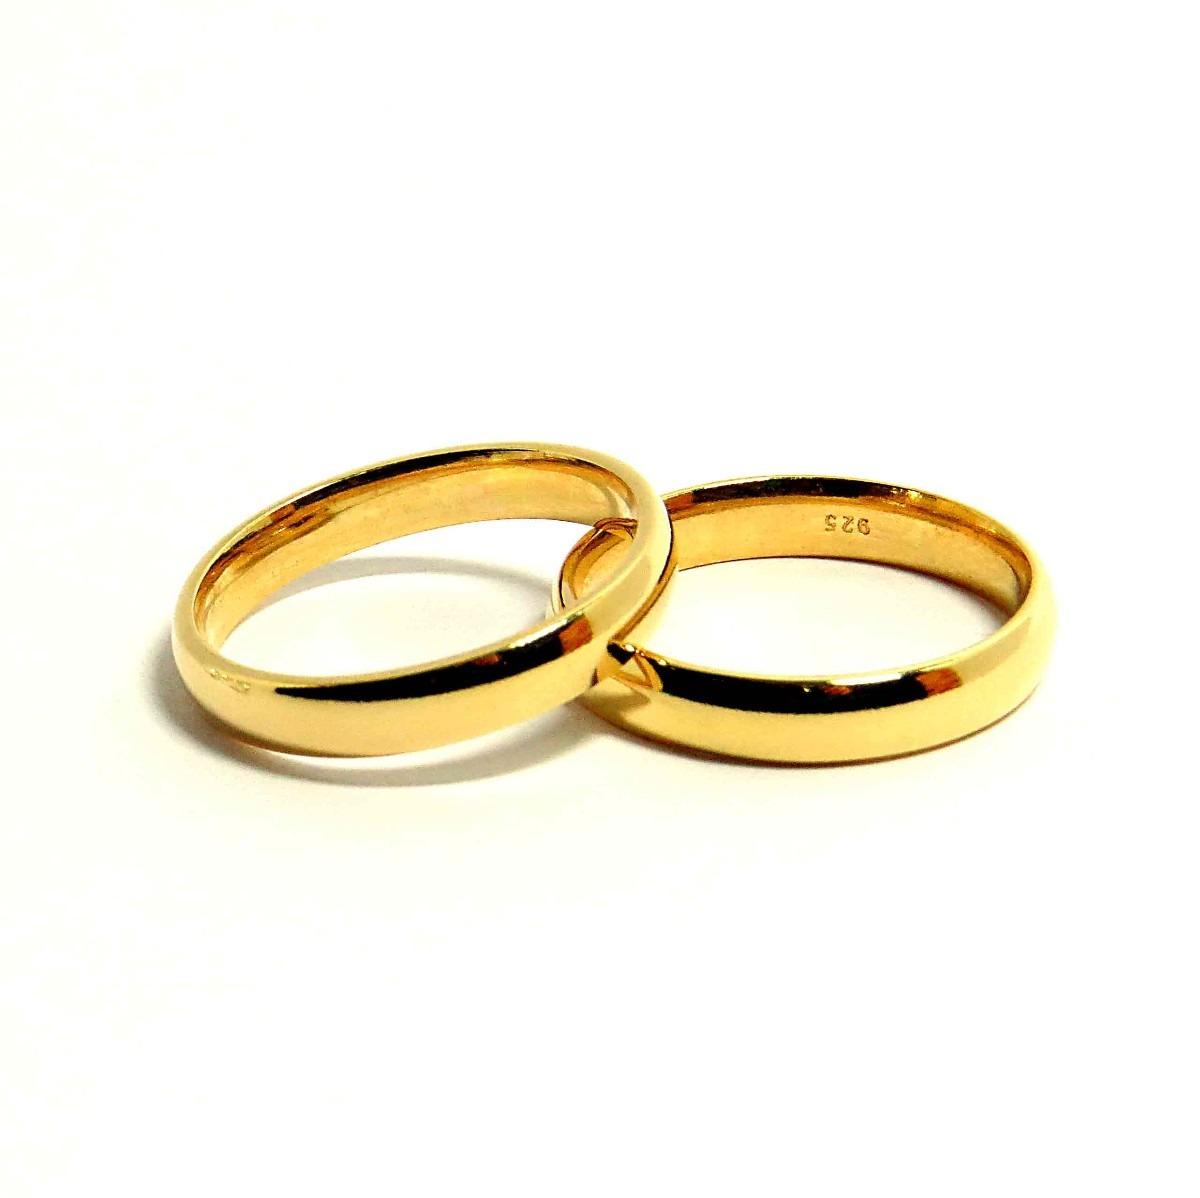 Aparador Leroy Merlin ~ Kit Ouro E Prata Par De Alianças + Aparador + Brincos R$ 718,20 em Mercado Livre